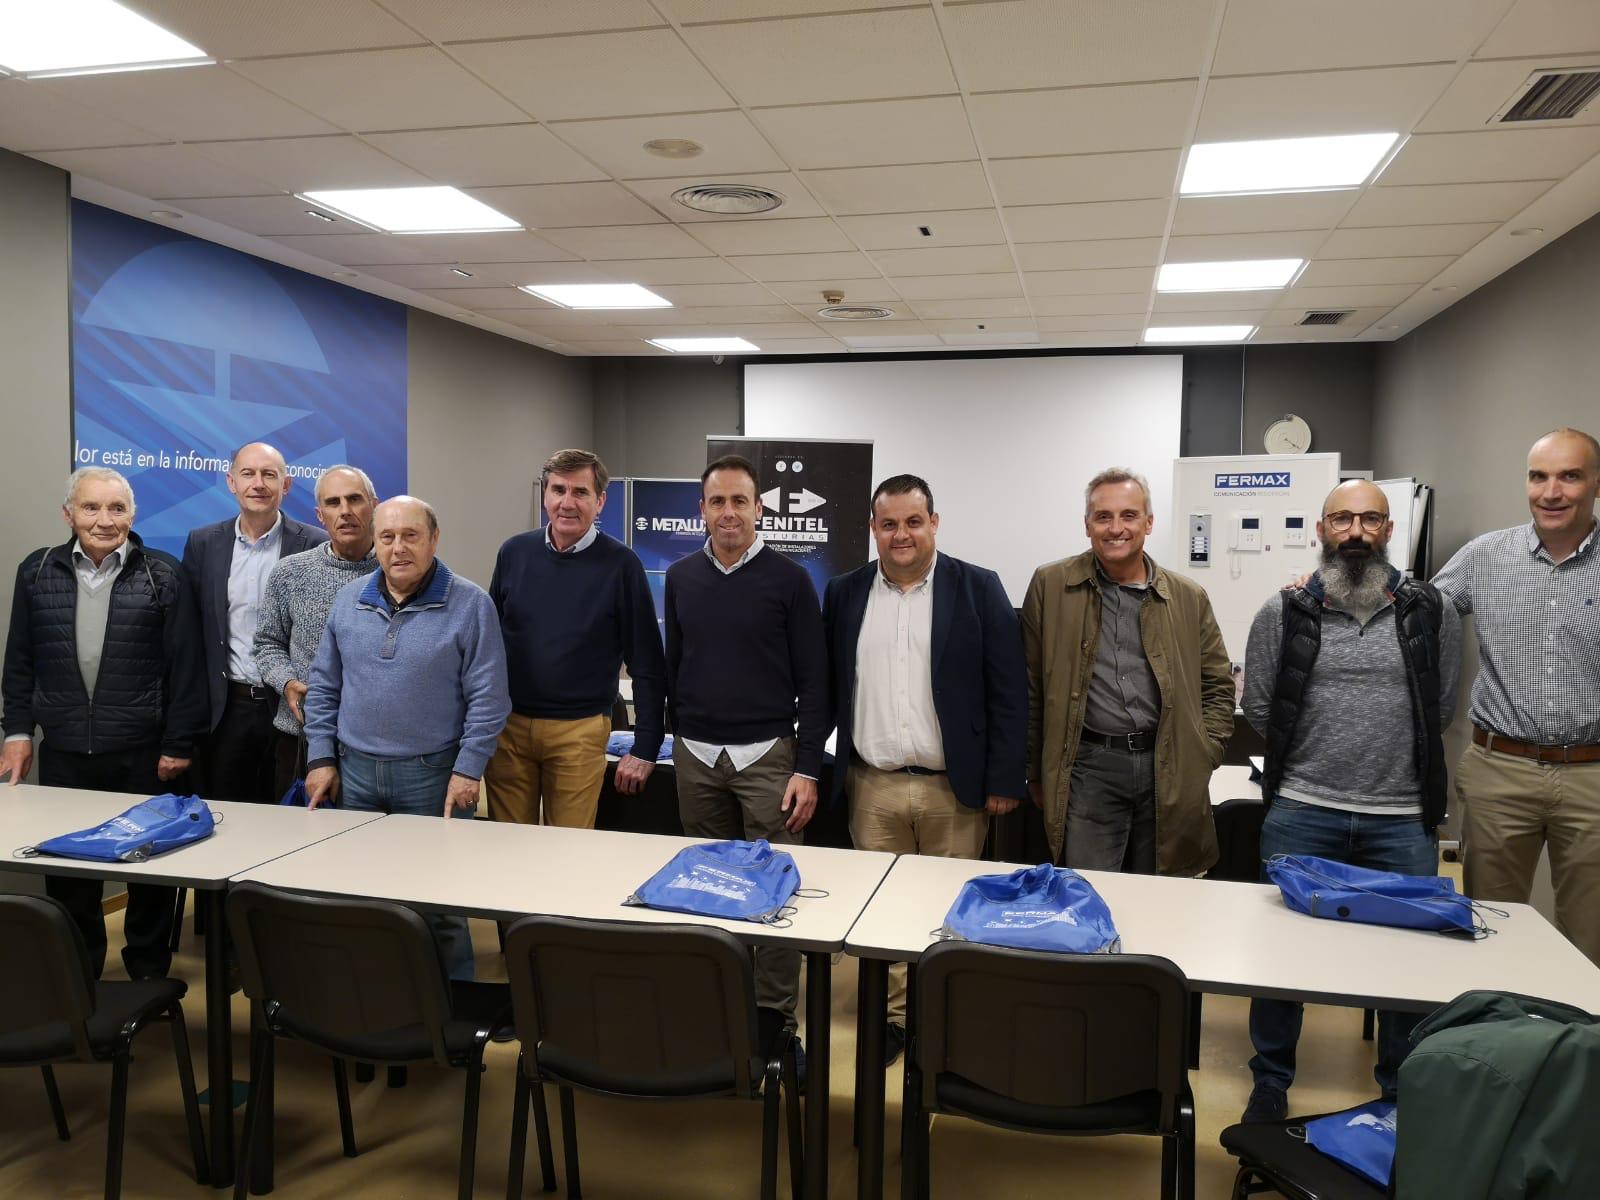 Éxito de presentación de las  últimas novedades de FERMAX en Asturias 1 Los asociados de Fenitel Asturias han sido invitados a la jornada de FERMAX que se celebró el pasado el 30 de octubre. La presentación organizada por Fenit